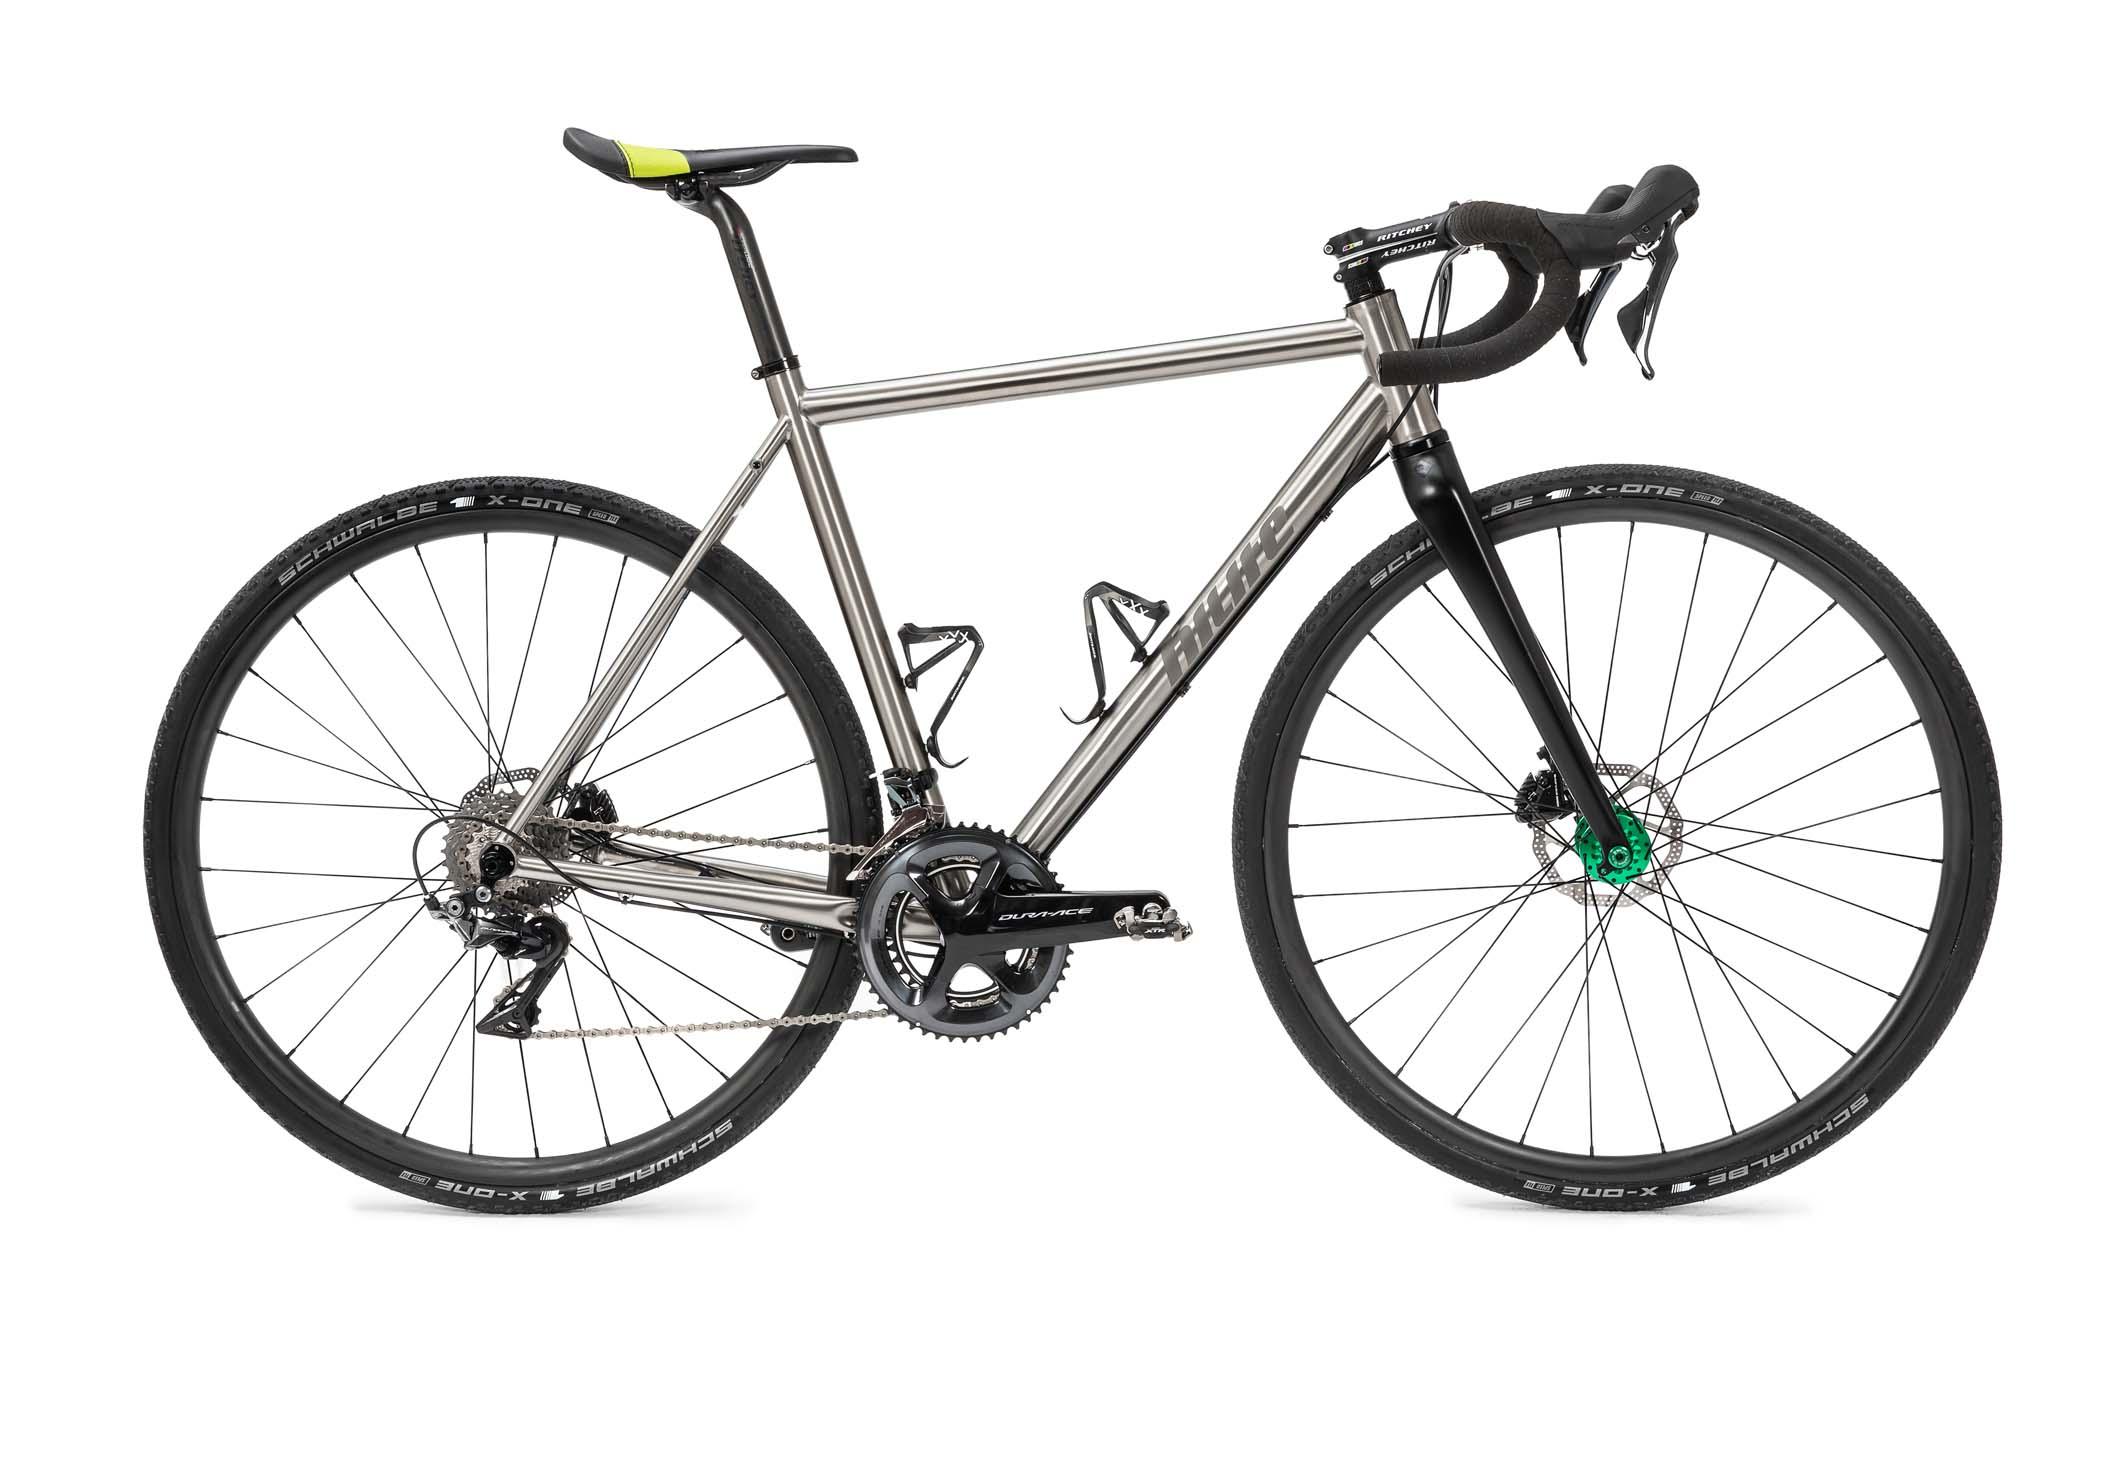 Hilite-Bikes Velo und Bike Shop Basel - Fahrrad Online Shop - Ihr Versand für Fahrräder, Fahrradteile, Fahrradzubehör & Laufräder